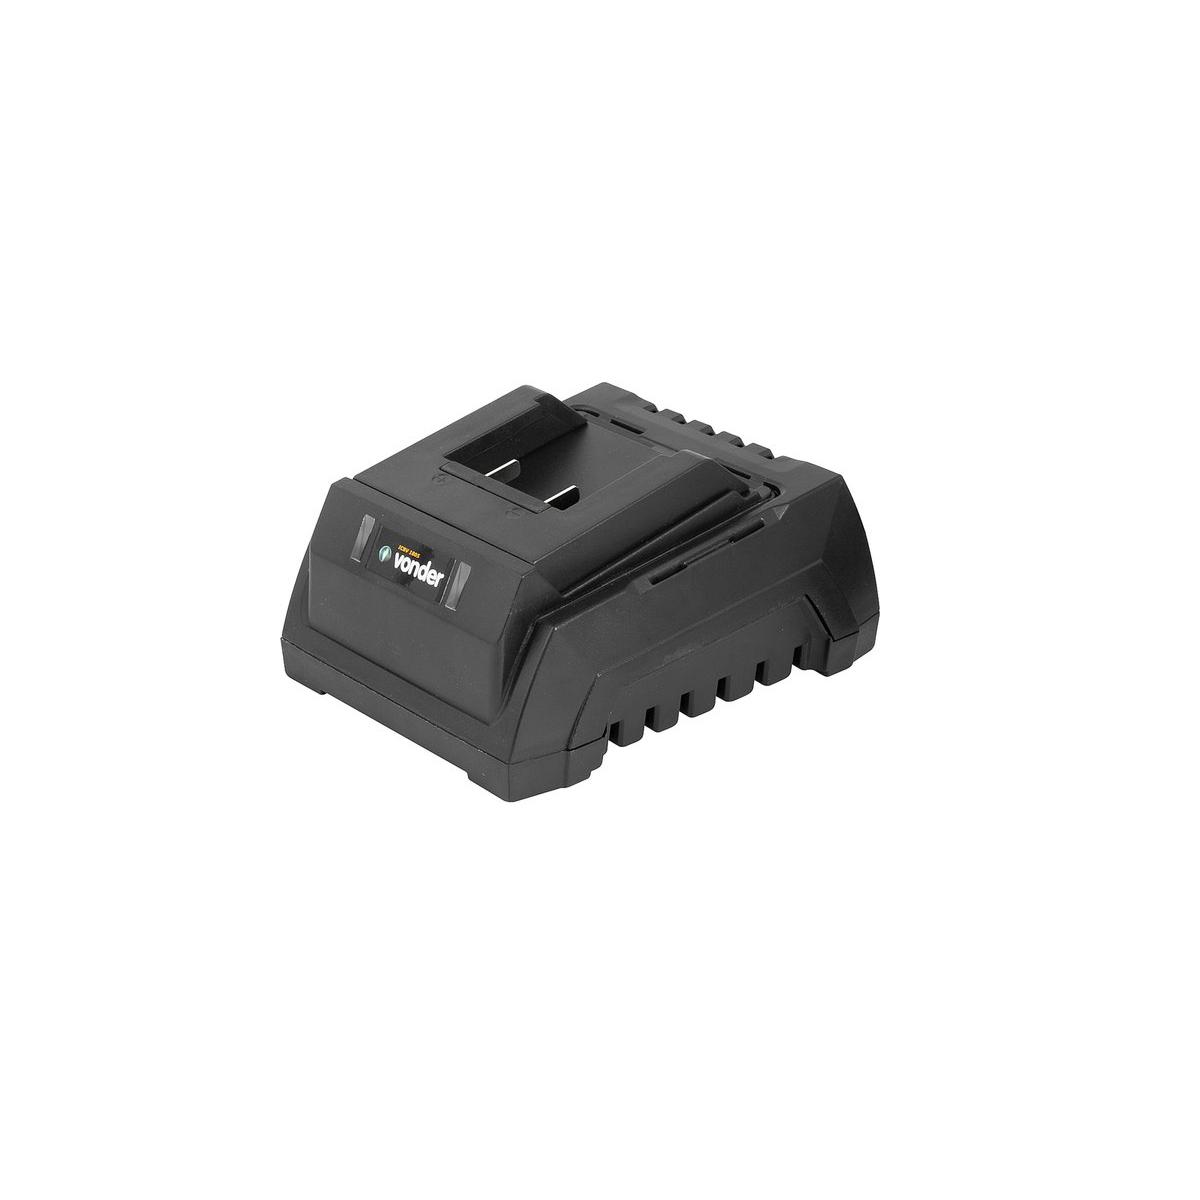 Carregador de Bateria 18V Linha Intercambiável Carregamento Convencional ICBV1805 VONDER